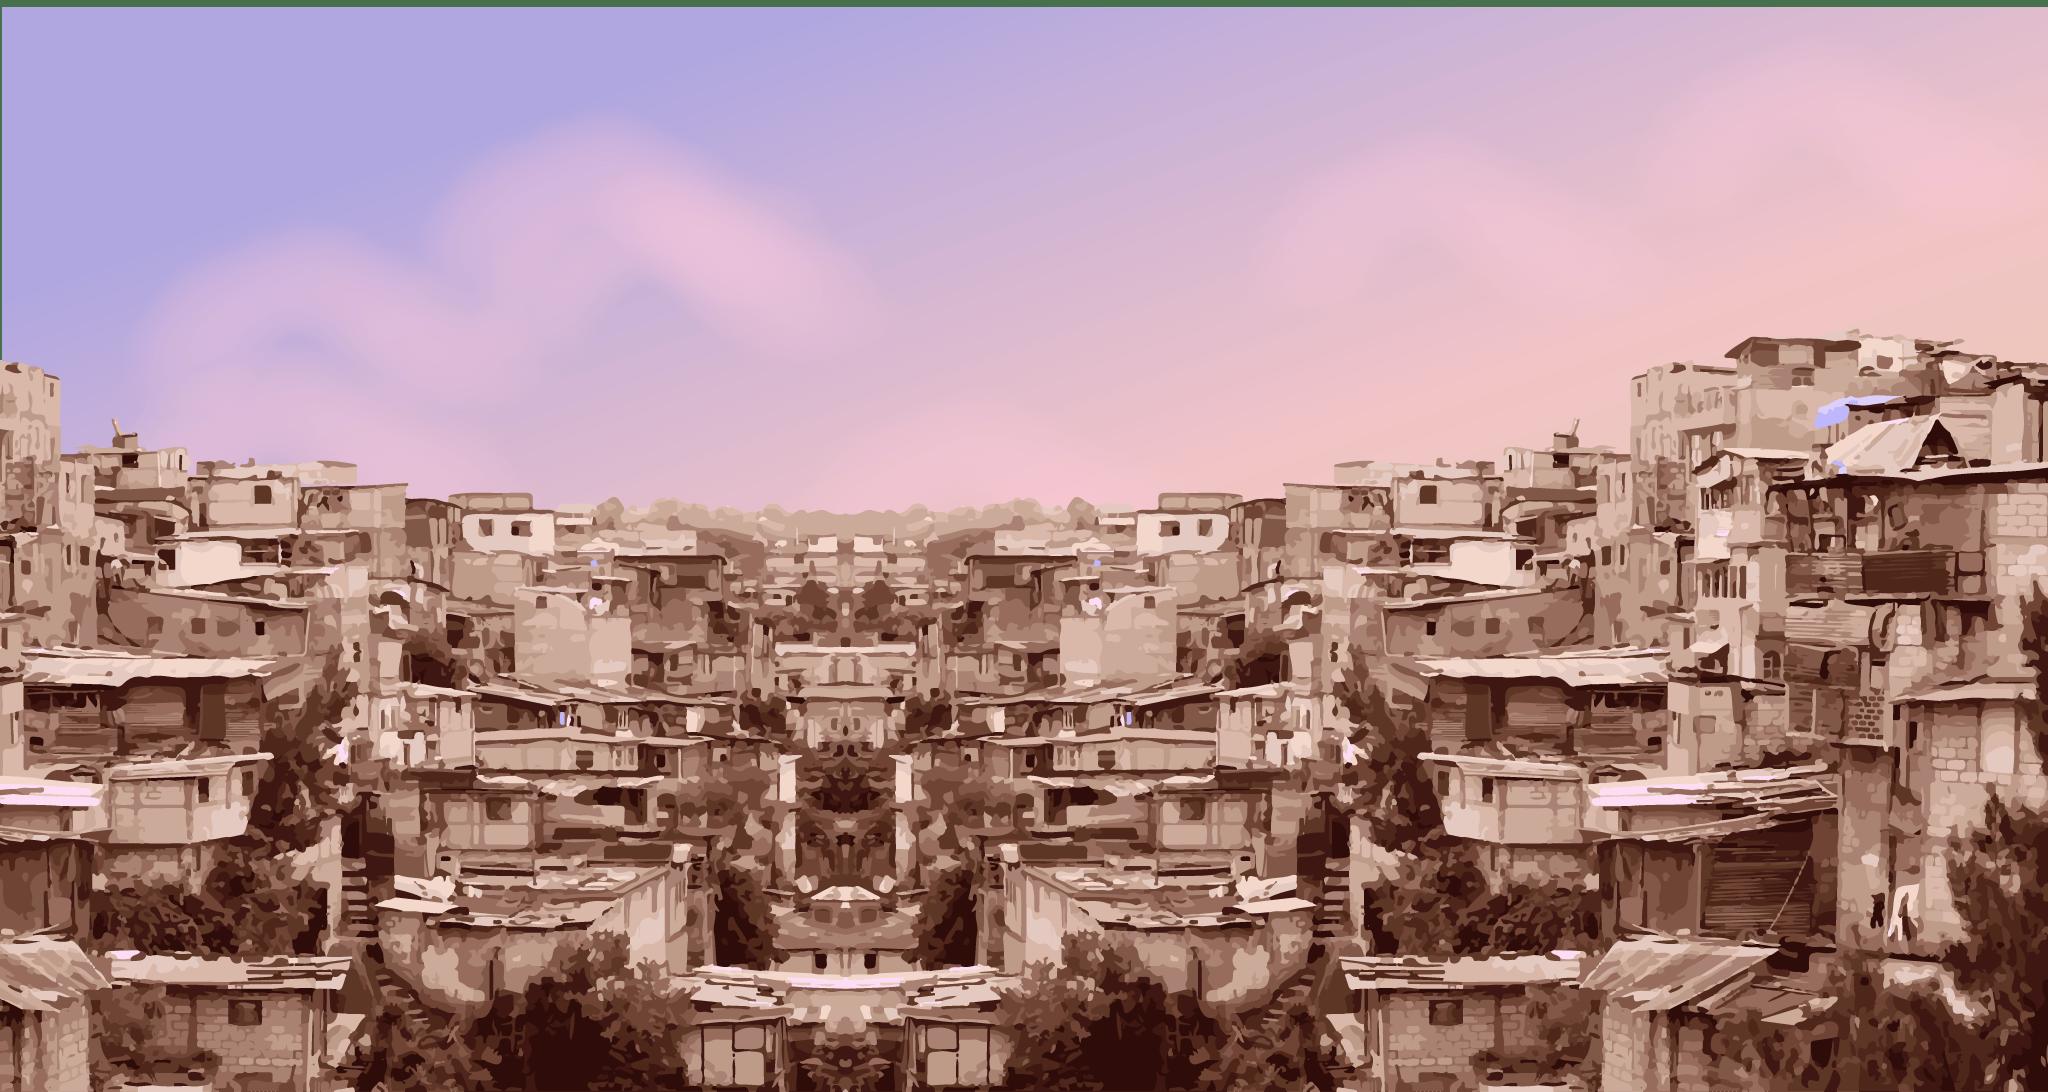 slum-urbanizzazione-large-movements